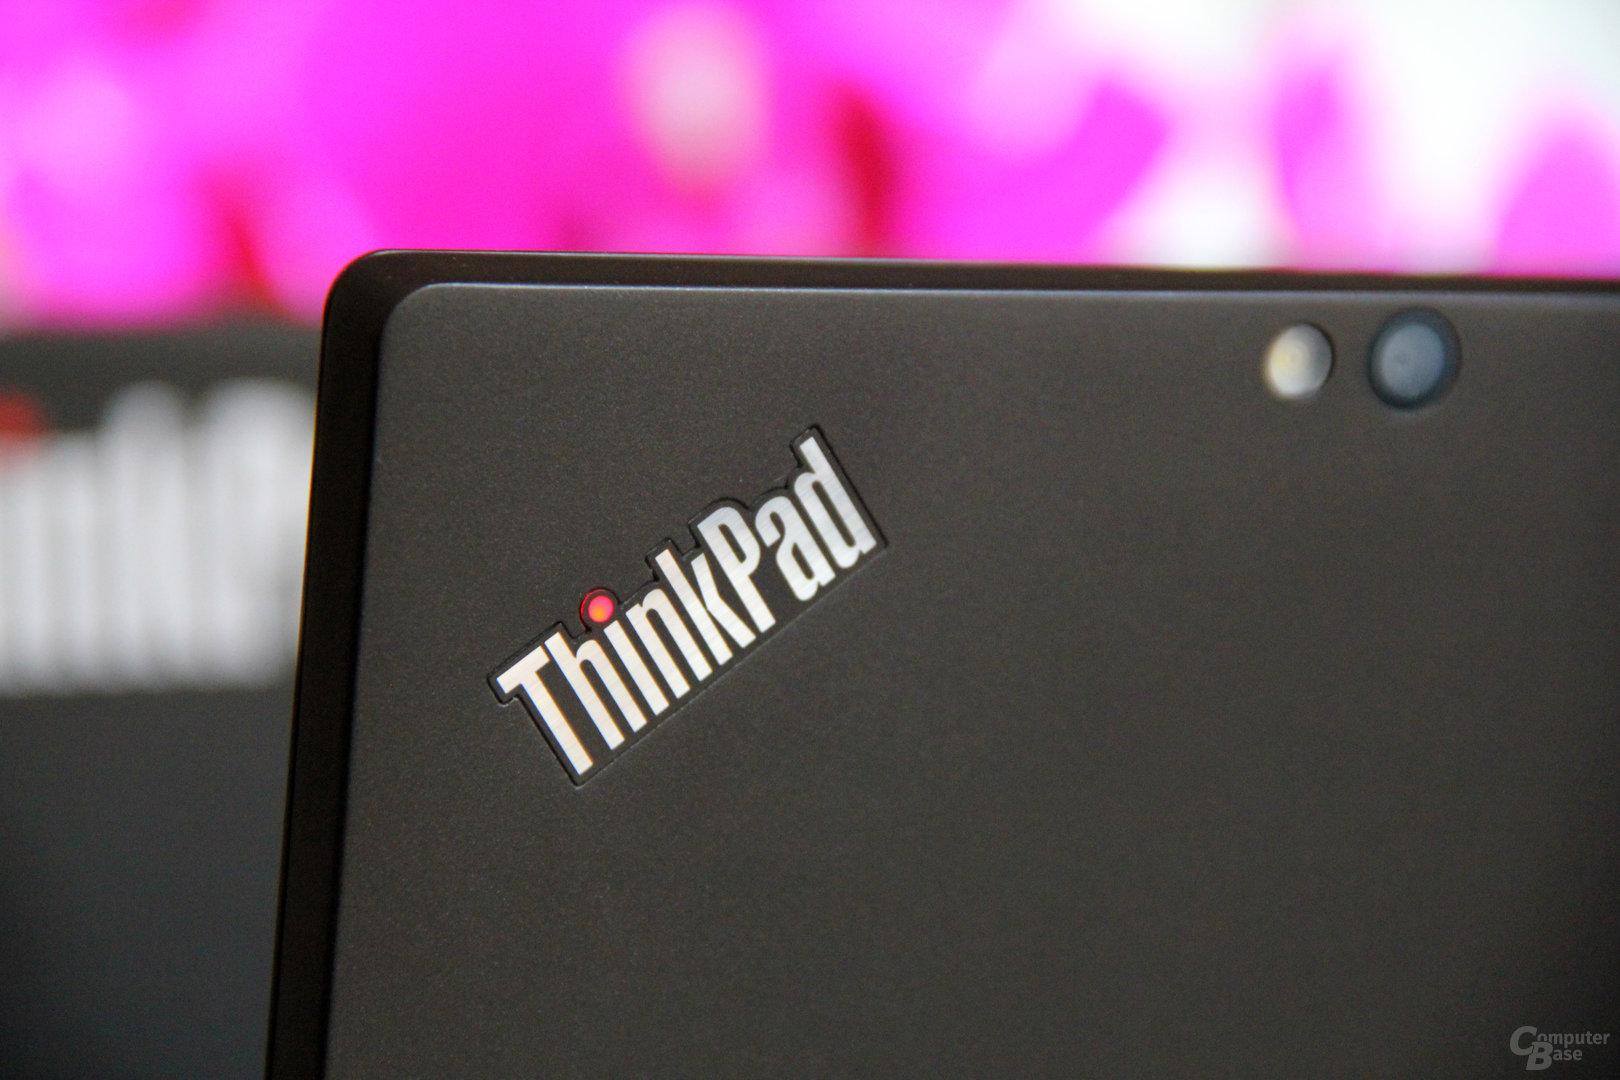 ThinkPad-Logo mit Status LED und Kamera (Blitz)